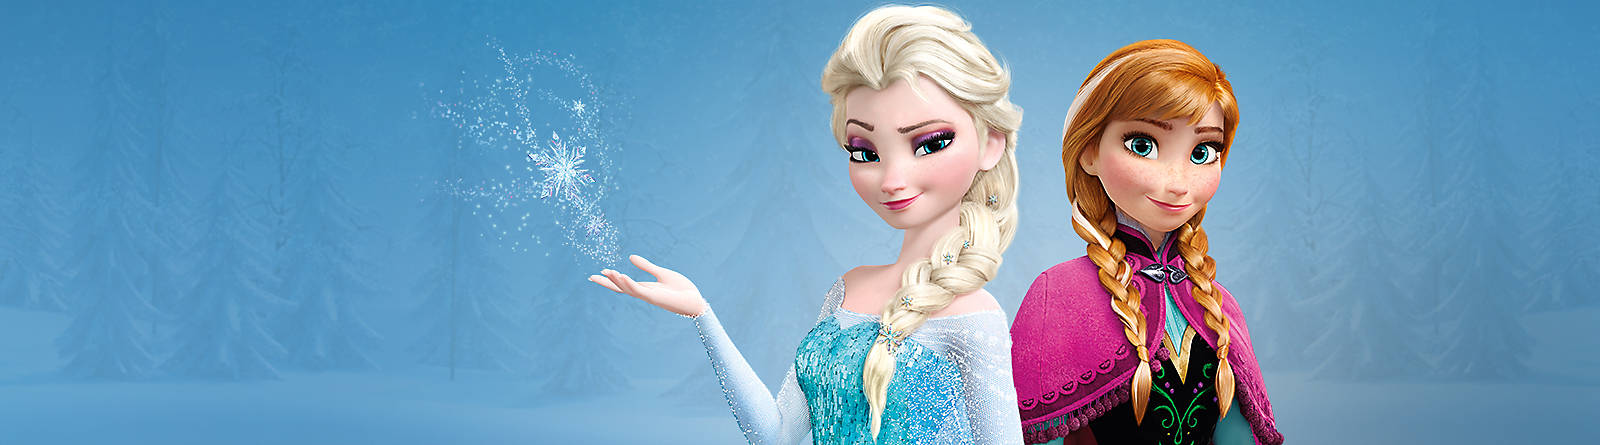 La Reine des Neiges Les articles Disney à l'effigie du film de La Reine des Neiges sont scintillants et vous transportent dans un tourbillon magique !